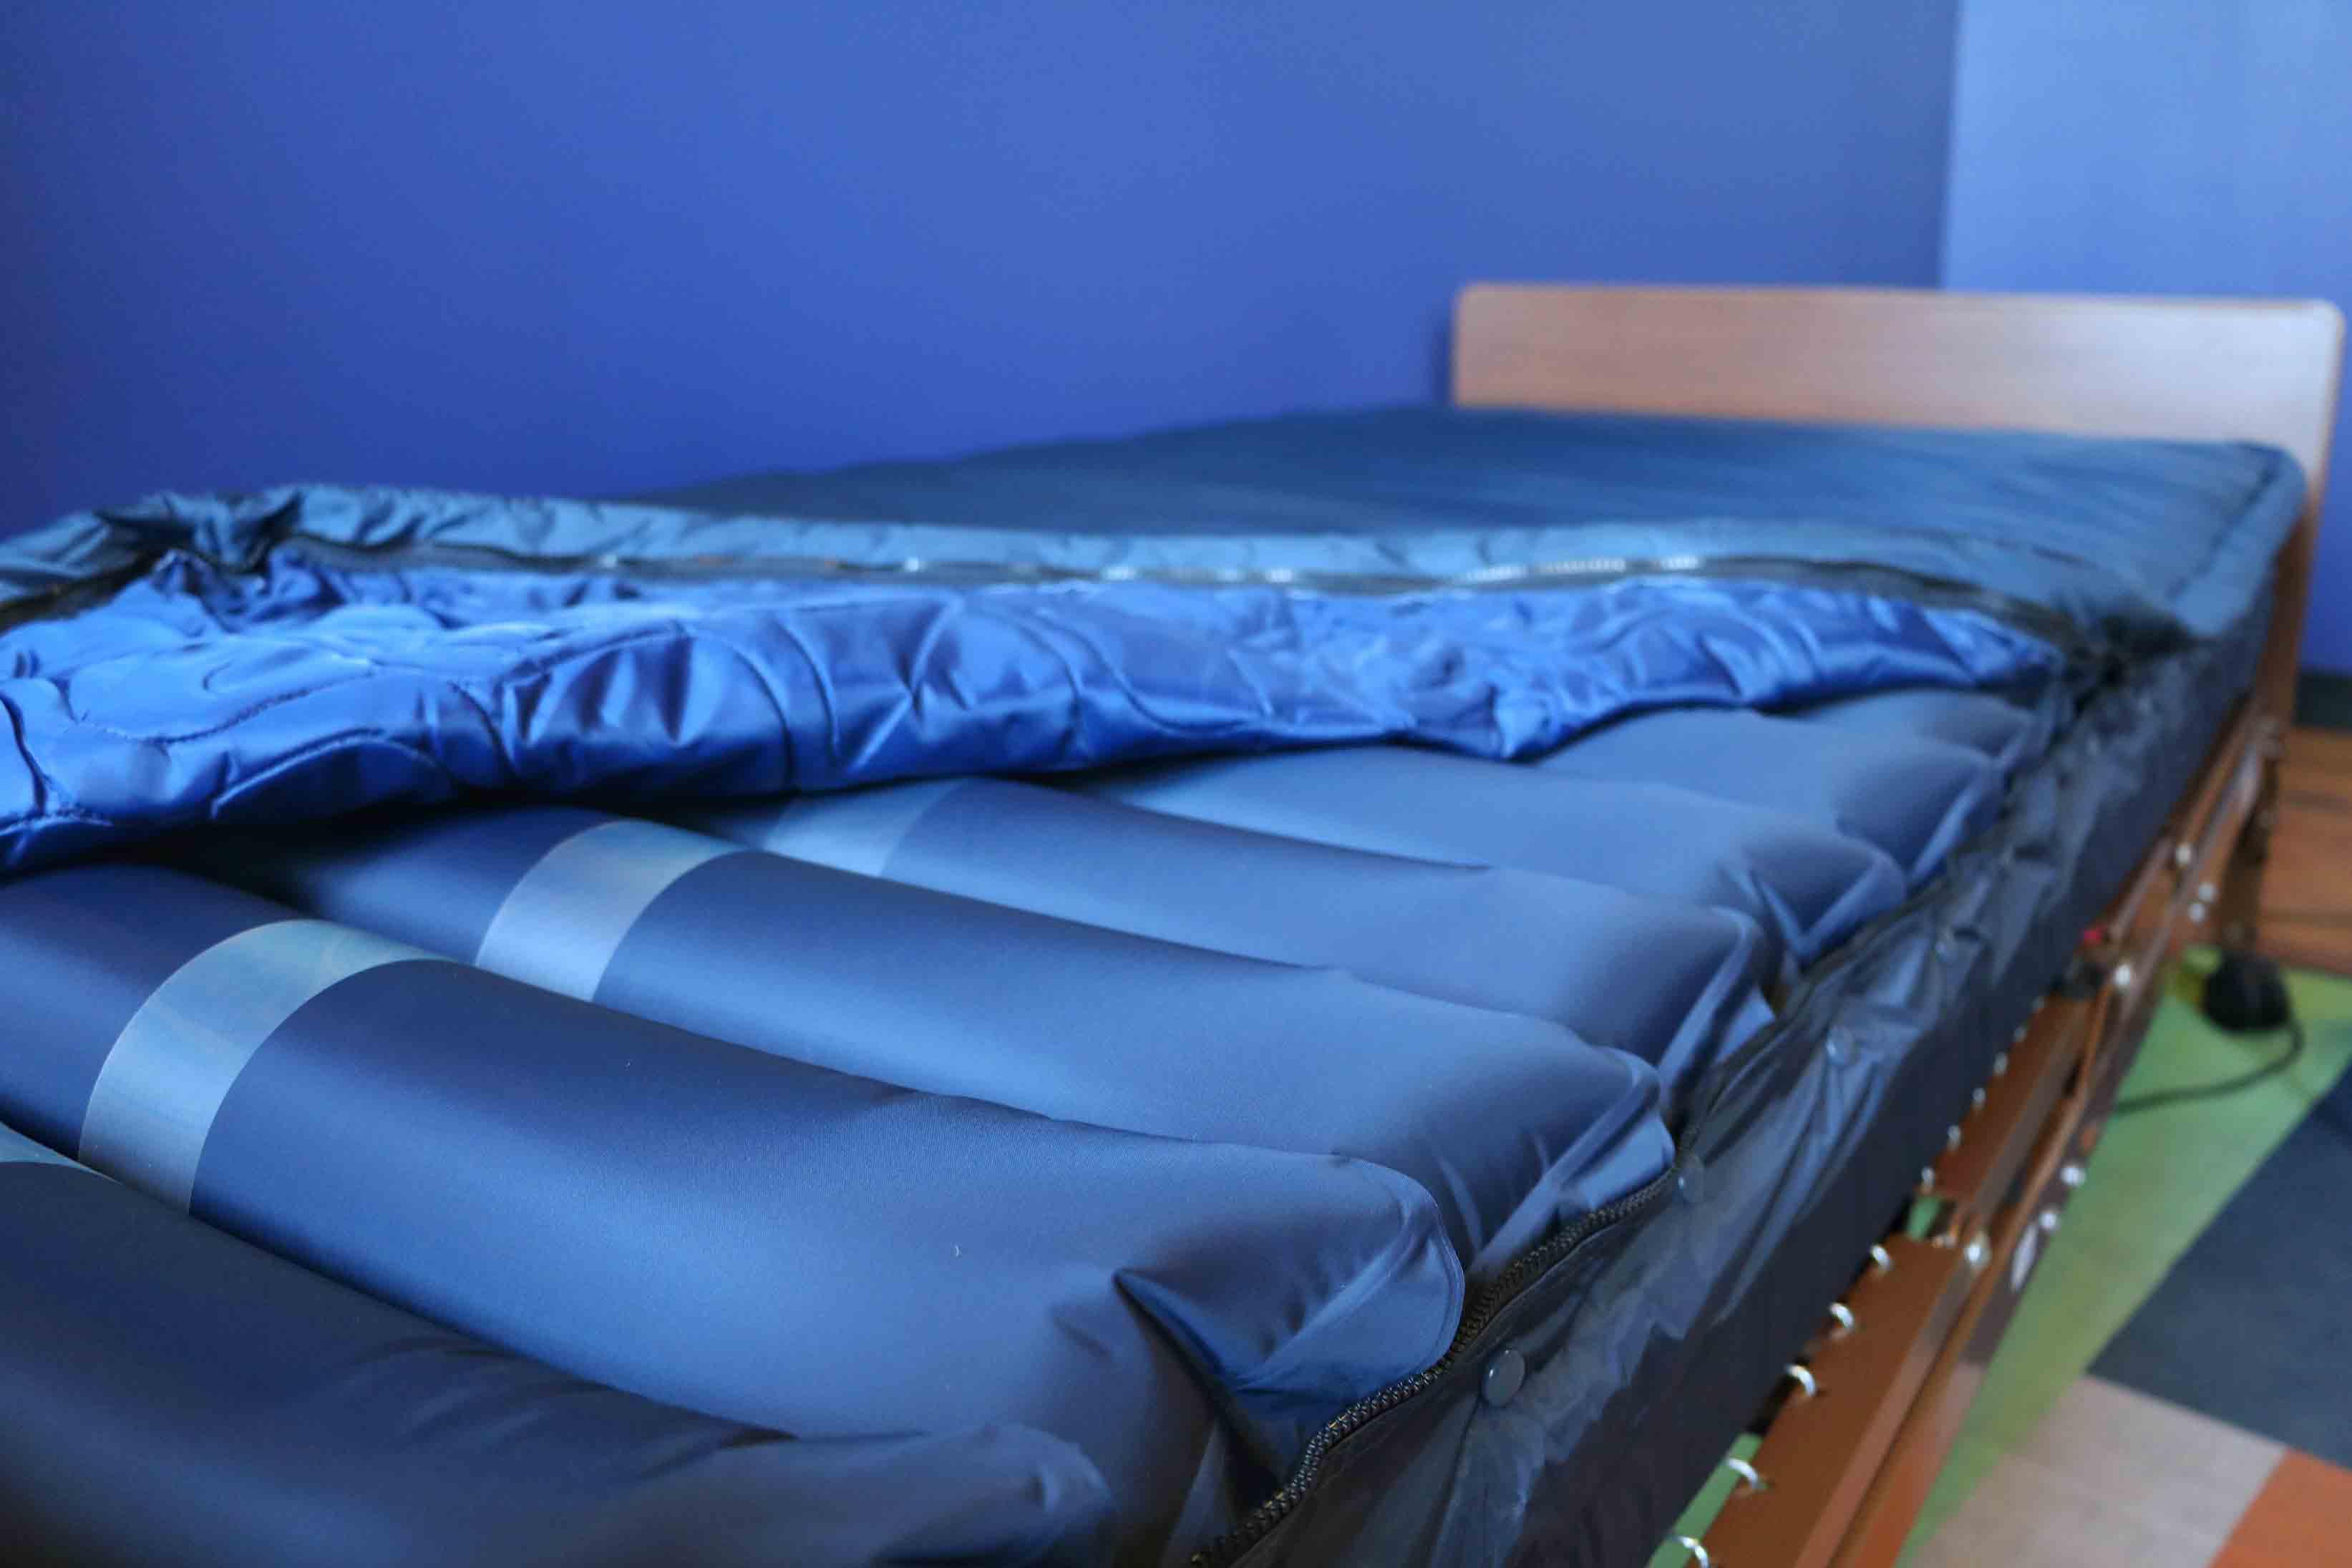 sportz accessories outdoors shop air napier mattress